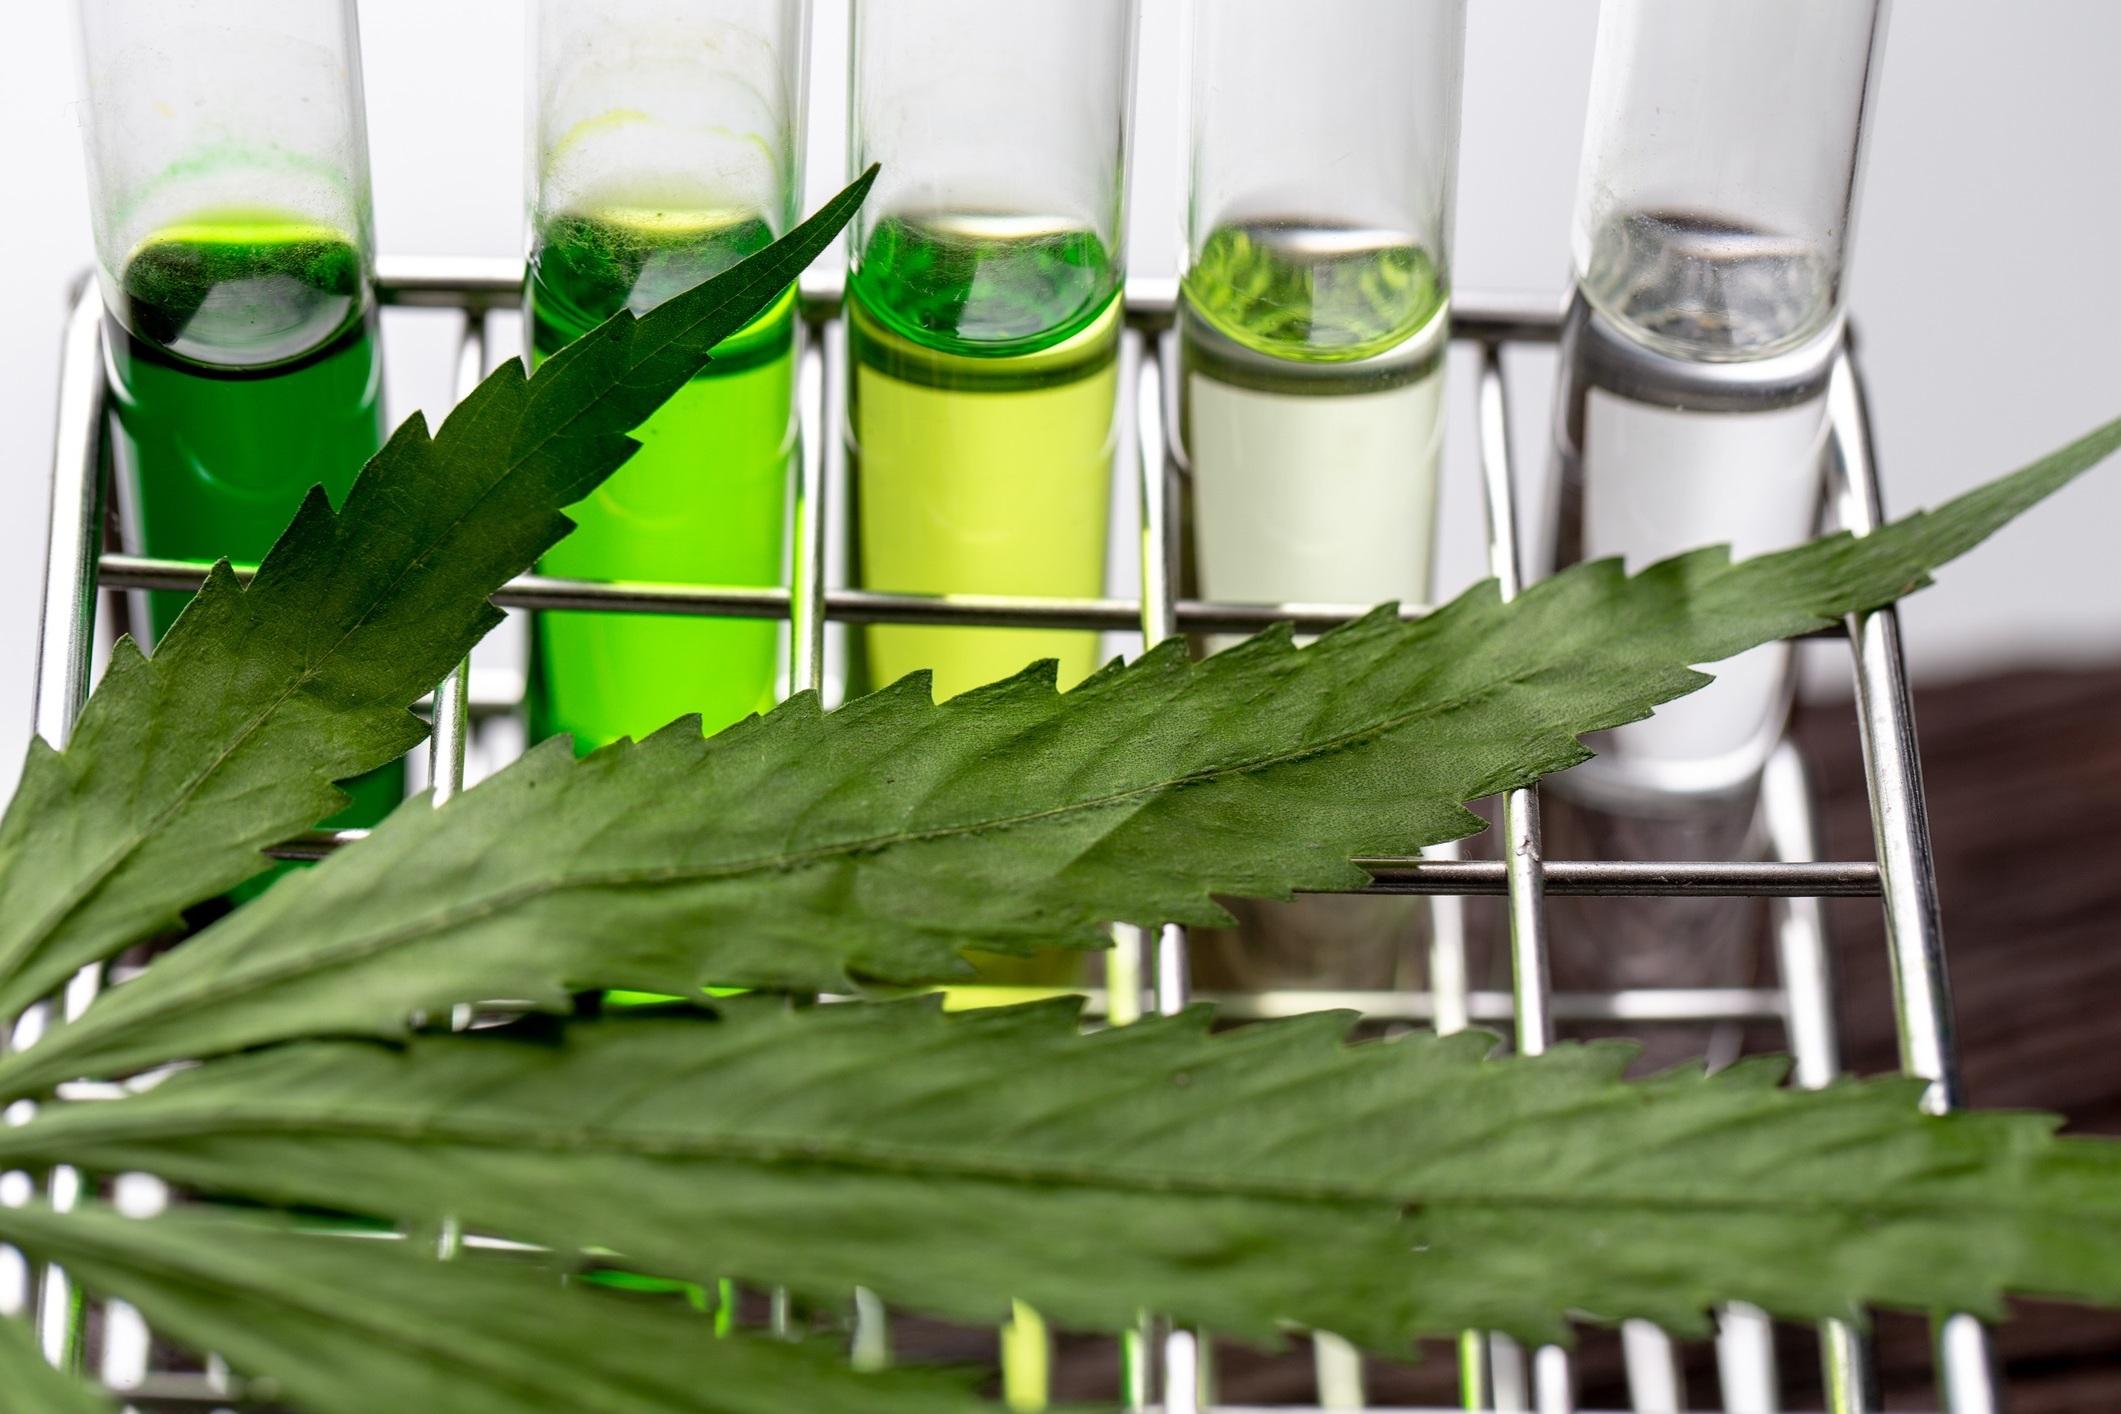 Titolazione olio di cannabis: calcolo dosaggio THC e CBD